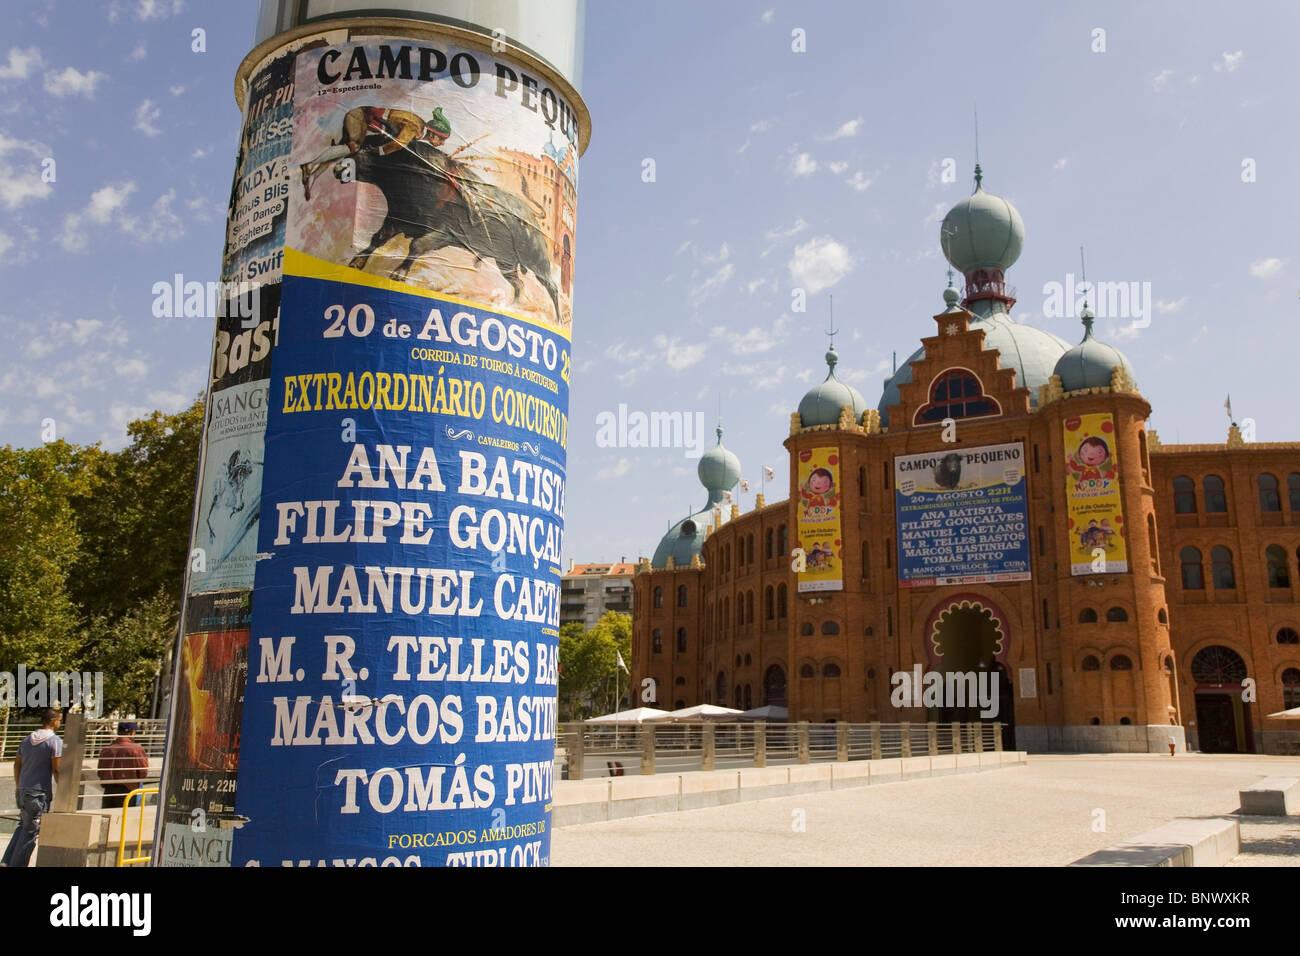 Un cartel anuncia estilo portugués fuera de las corridas de toros de Campo  Pequeno 516f576753b